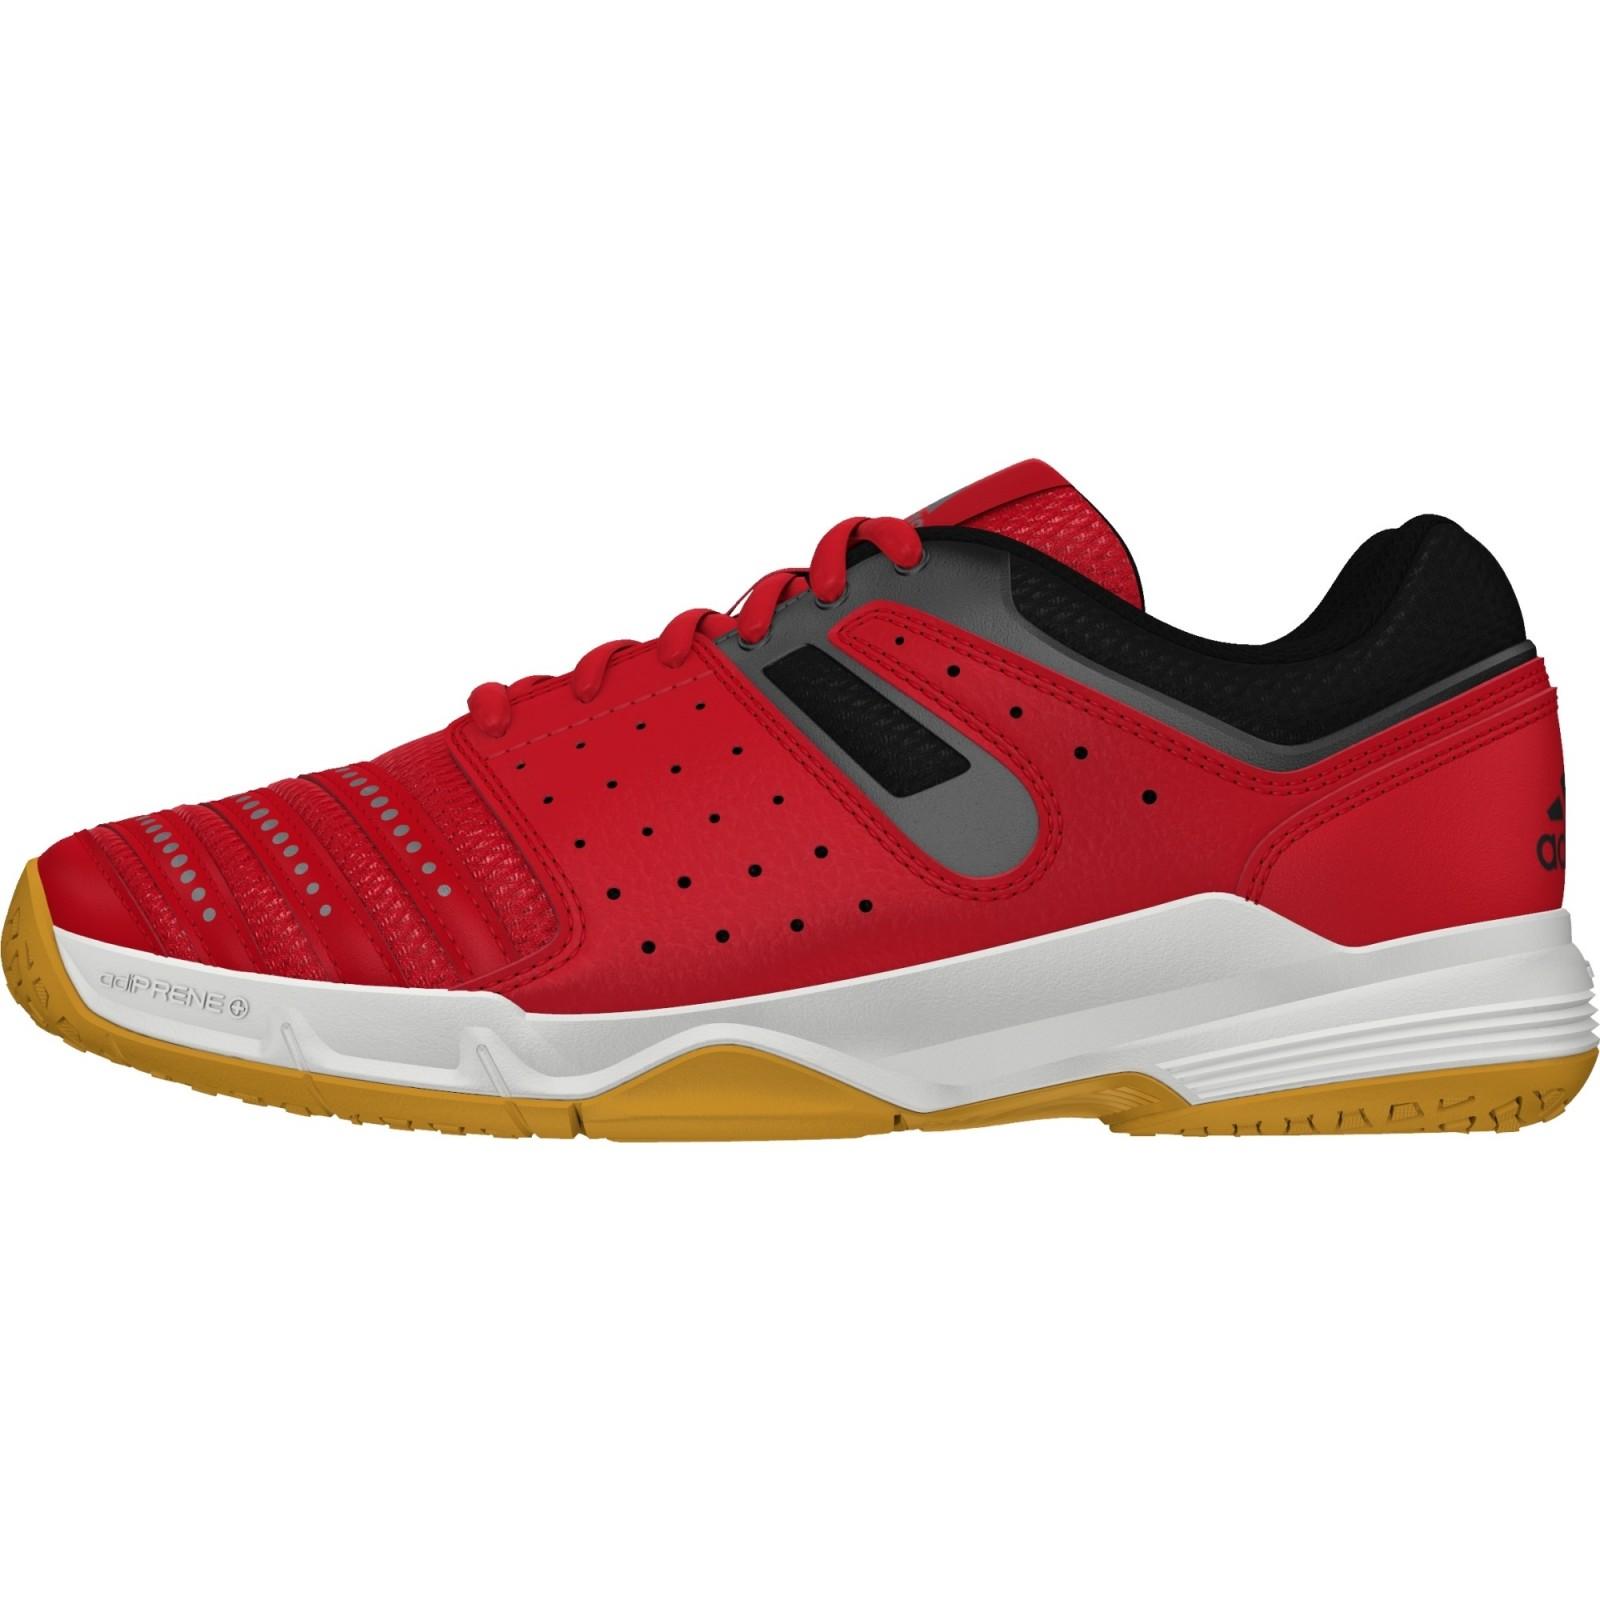 38ff2a57511 Dětská sálová obuv adidas Court stabil J